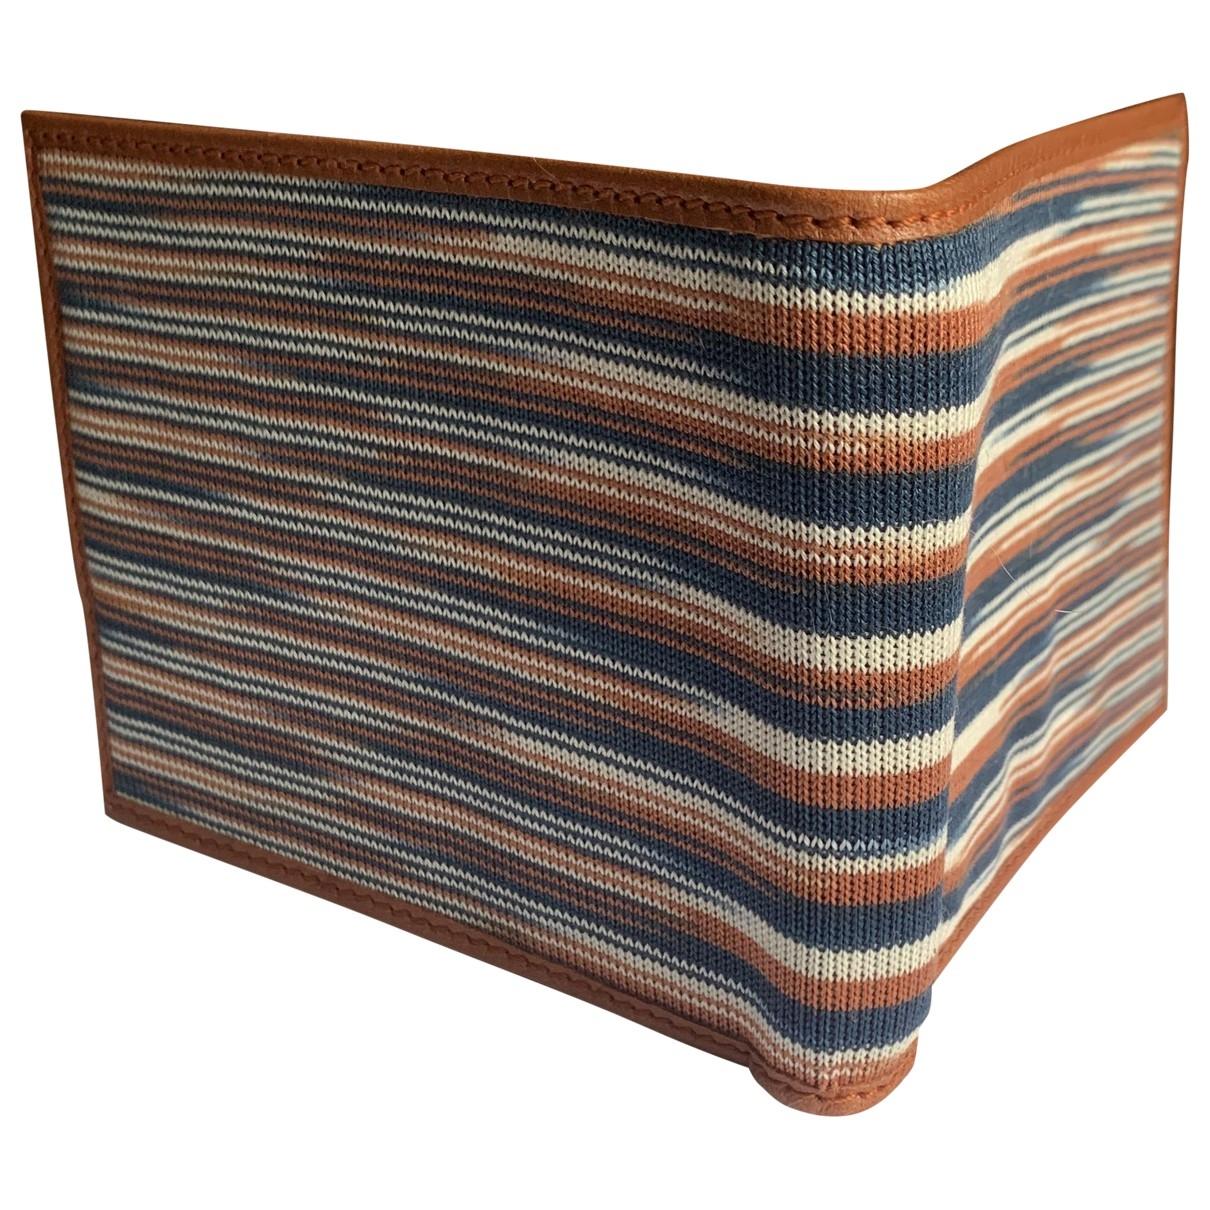 M Missoni - Petite maroquinerie   pour homme en laine - marron